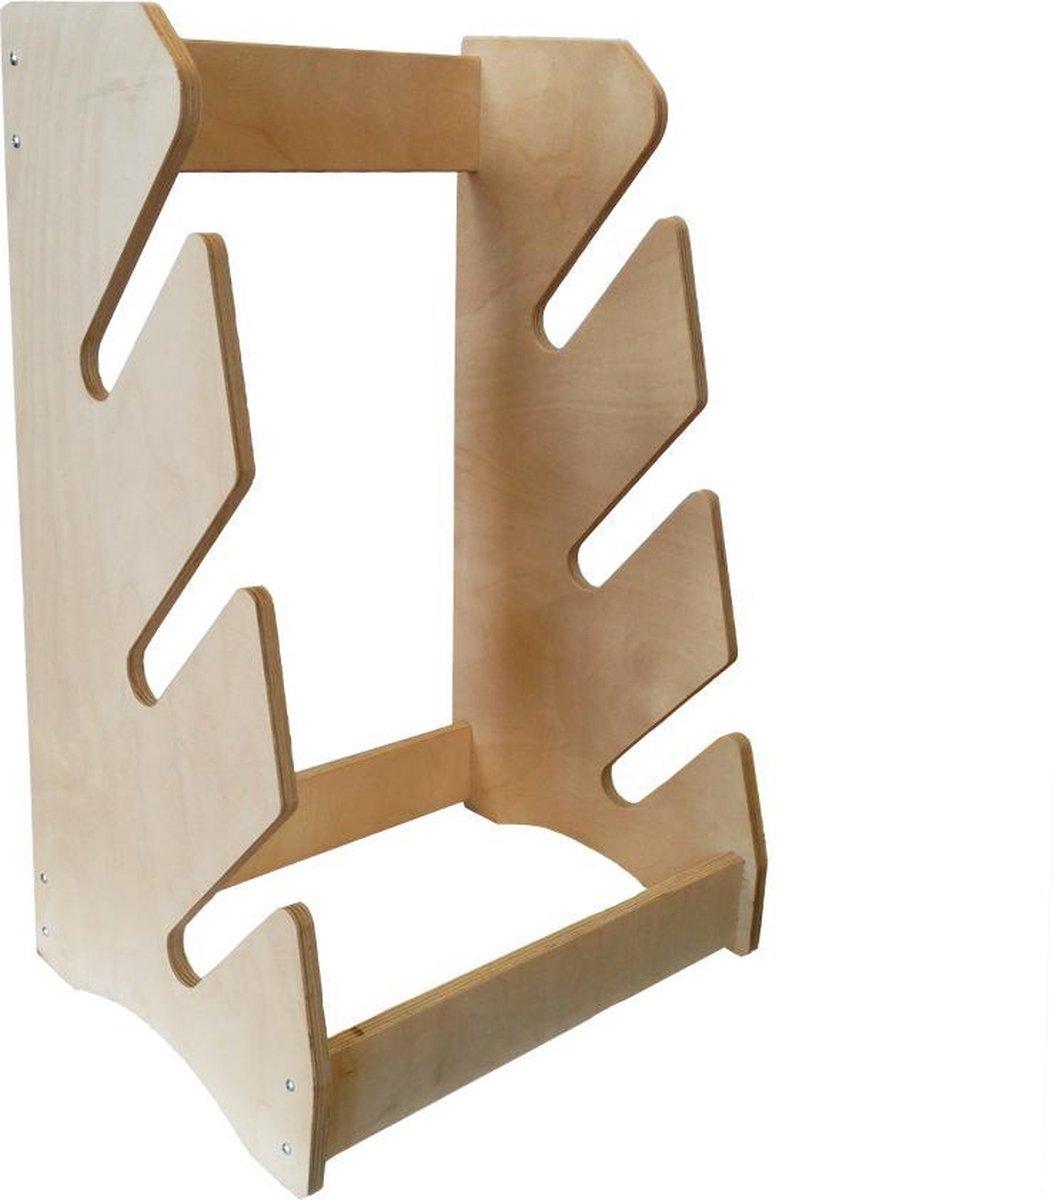 Board Racks - Longboard accessoires - Longboard rek - Longboard houder - Board rack - Staand rek voor 3 longboards/skateboards